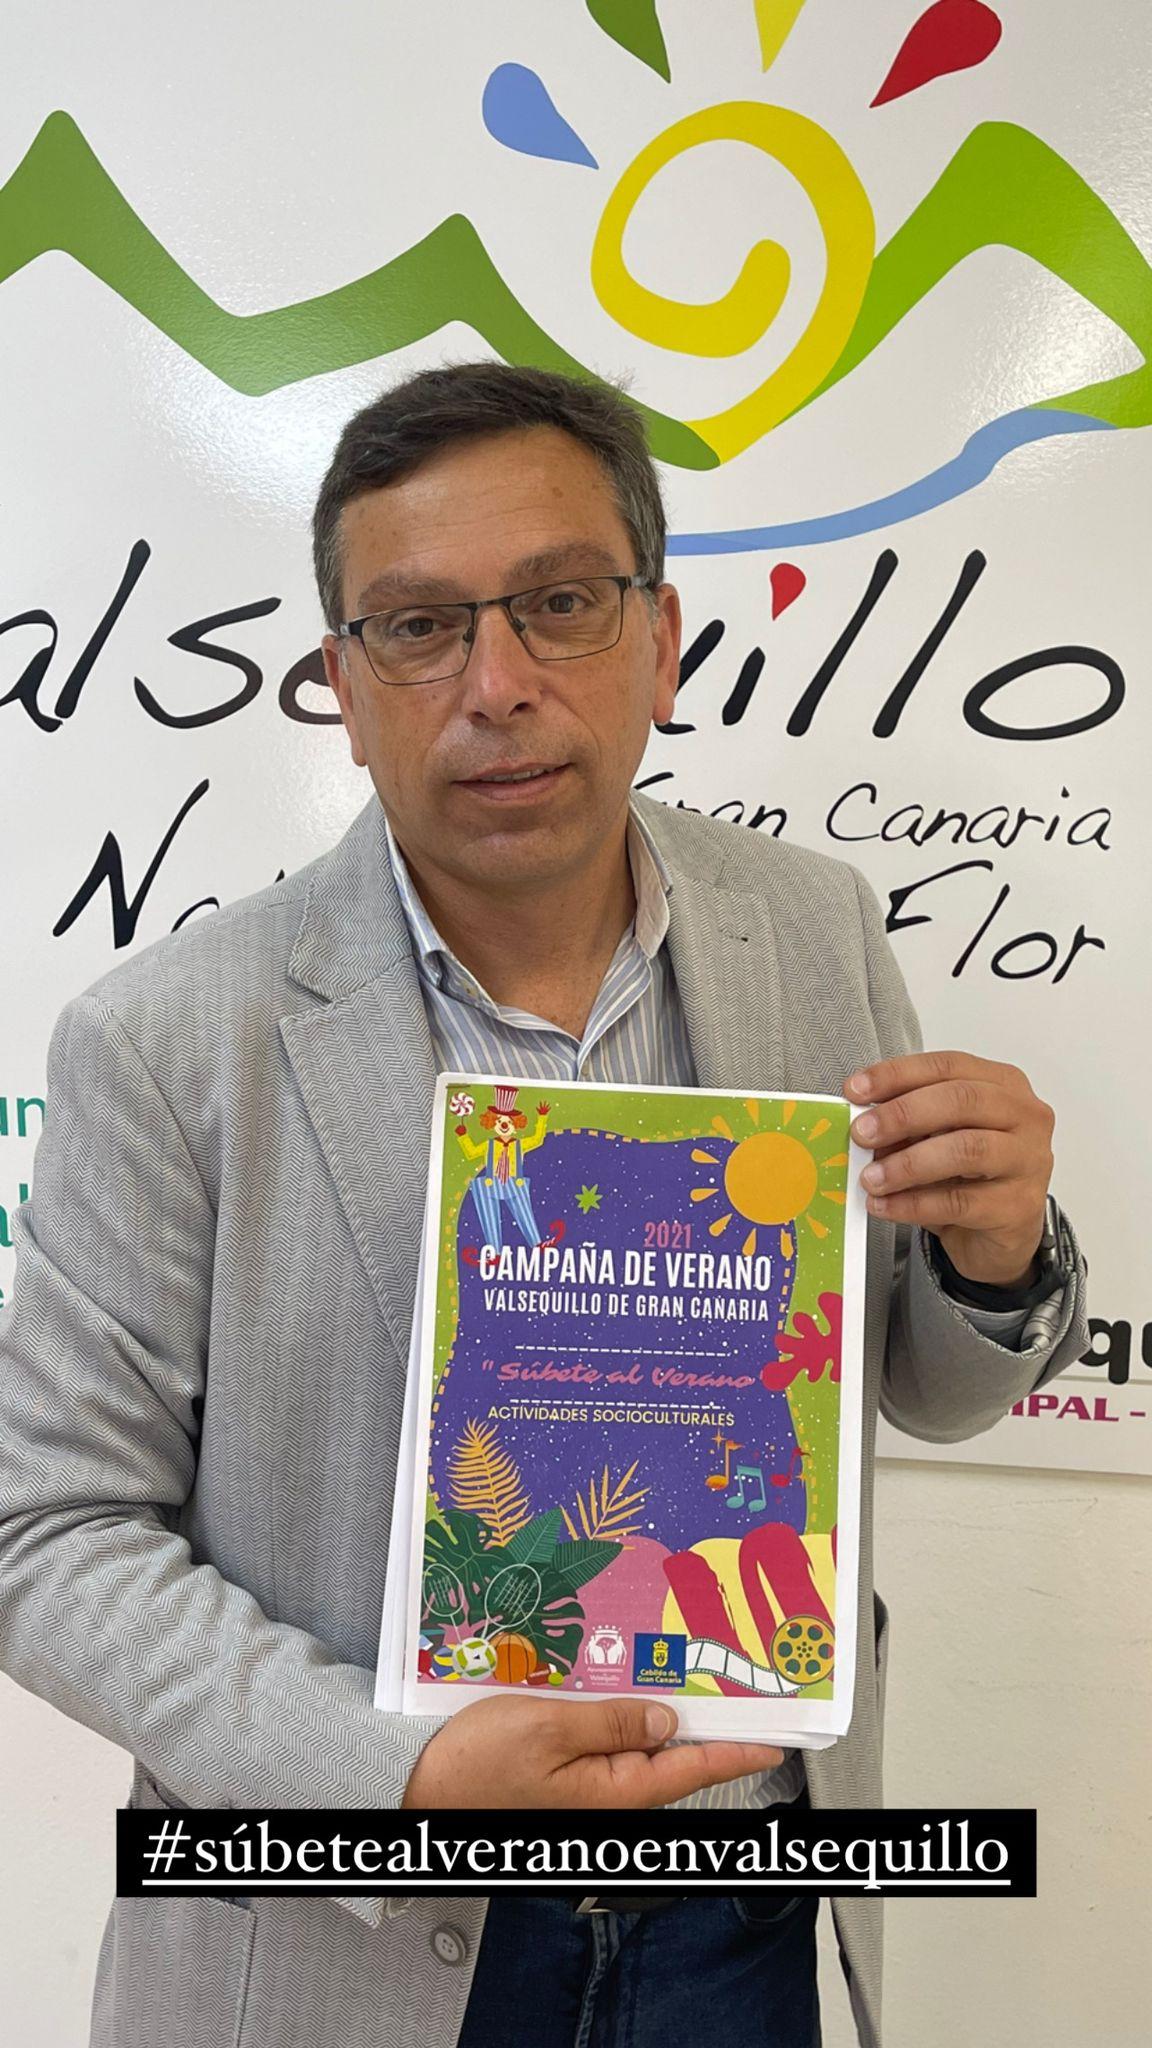 Alcalde presenta el programa de la campaña de verano 2021